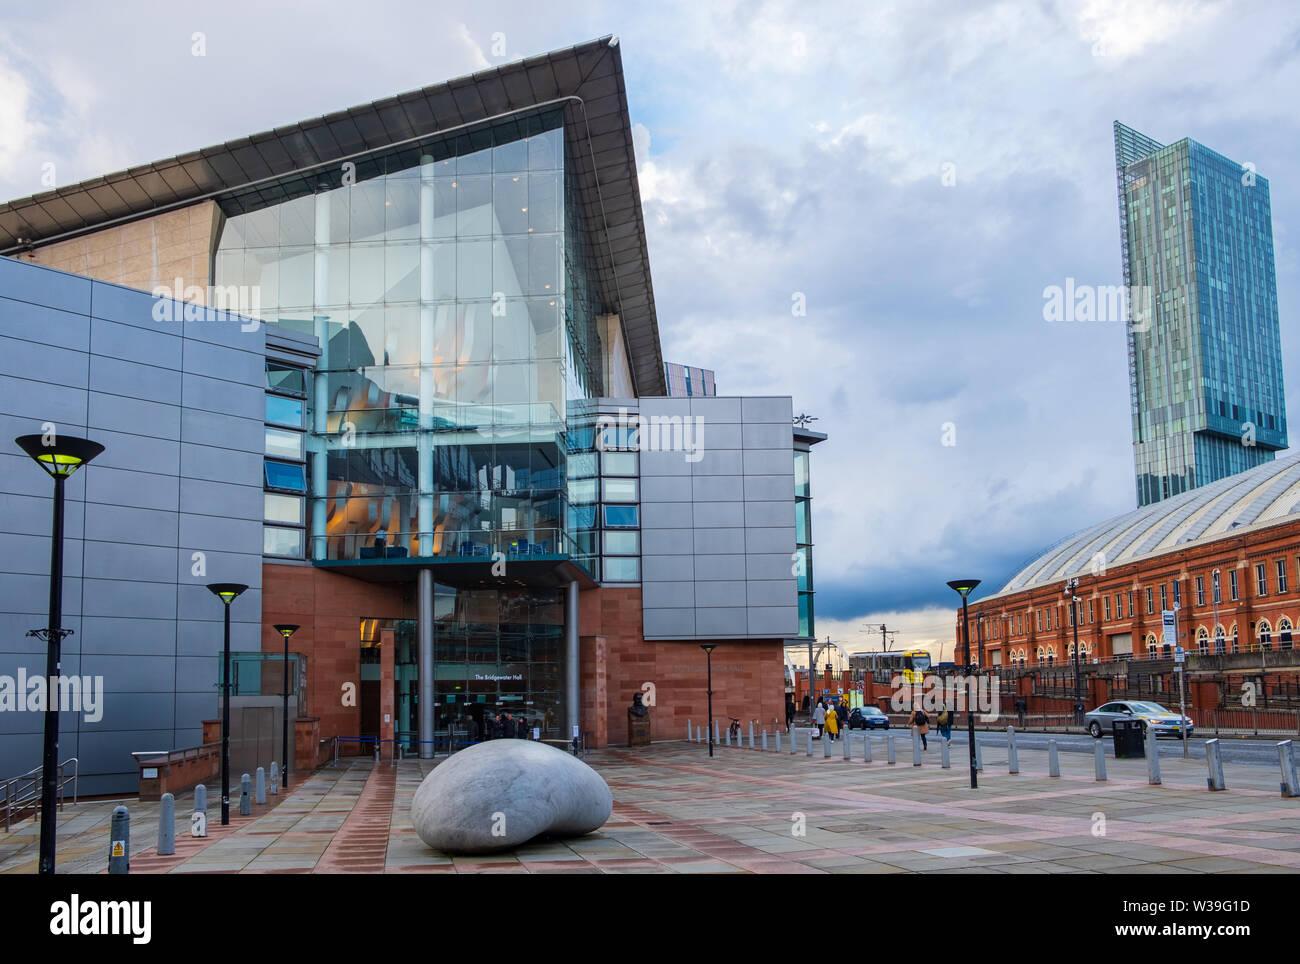 Manchester, Reino Unido - 25 de abril de 2019: el Bridgewater Hall de Manchester Central frente al centro de conferencias. El Bridgewater Hall es una internat Foto de stock